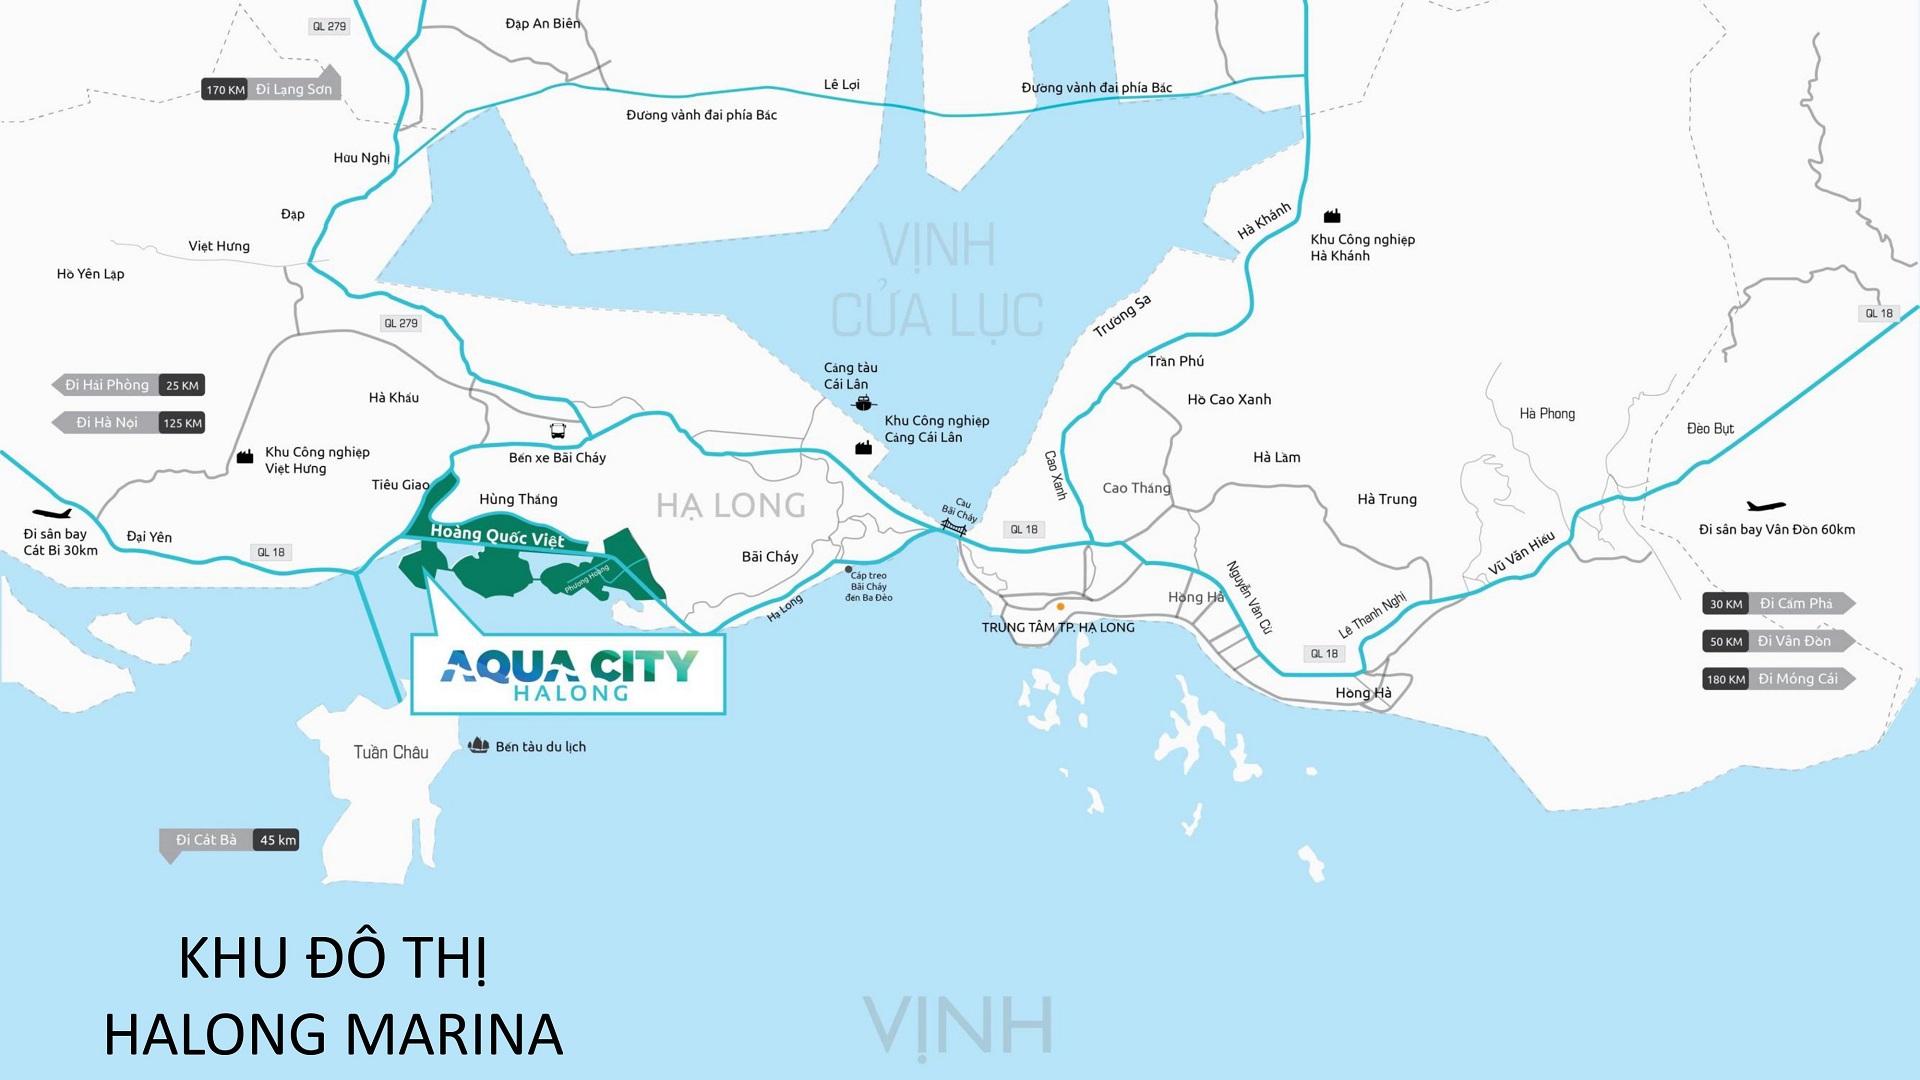 Bản đồ vị trí dự án Aqua City Hạ Long